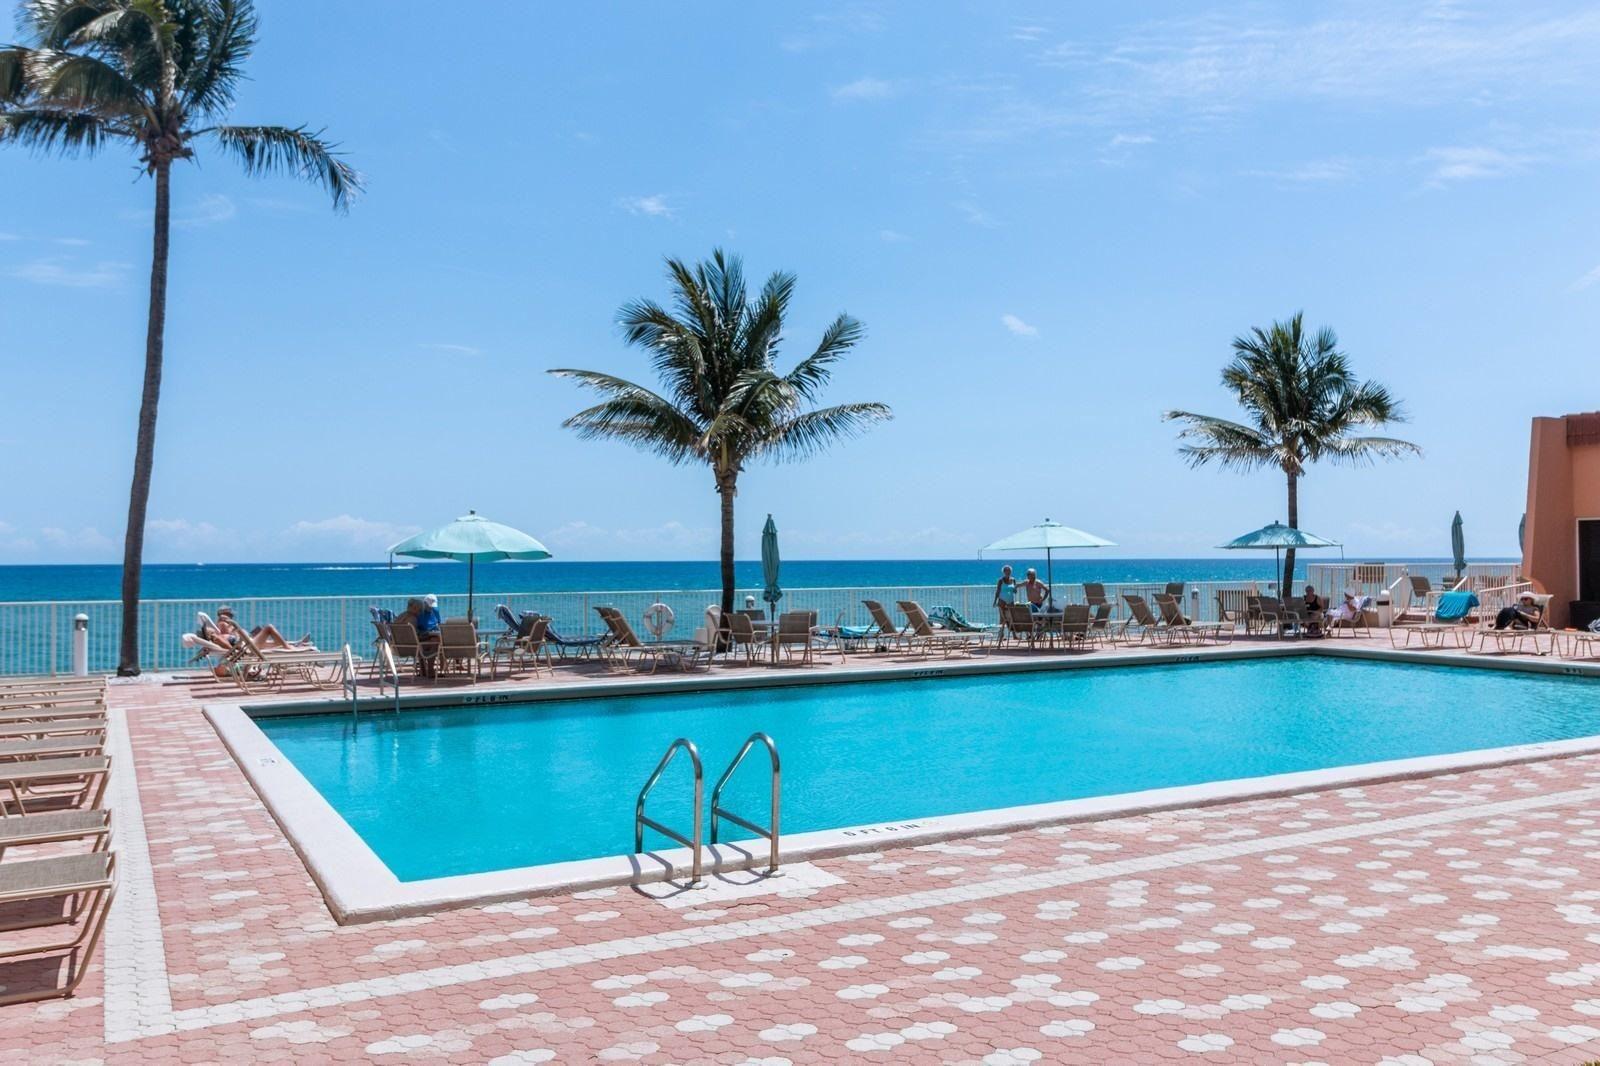 3520 S Ocean Boulevard #H505, South Palm Beach, FL 33480 - #: RX-10518544